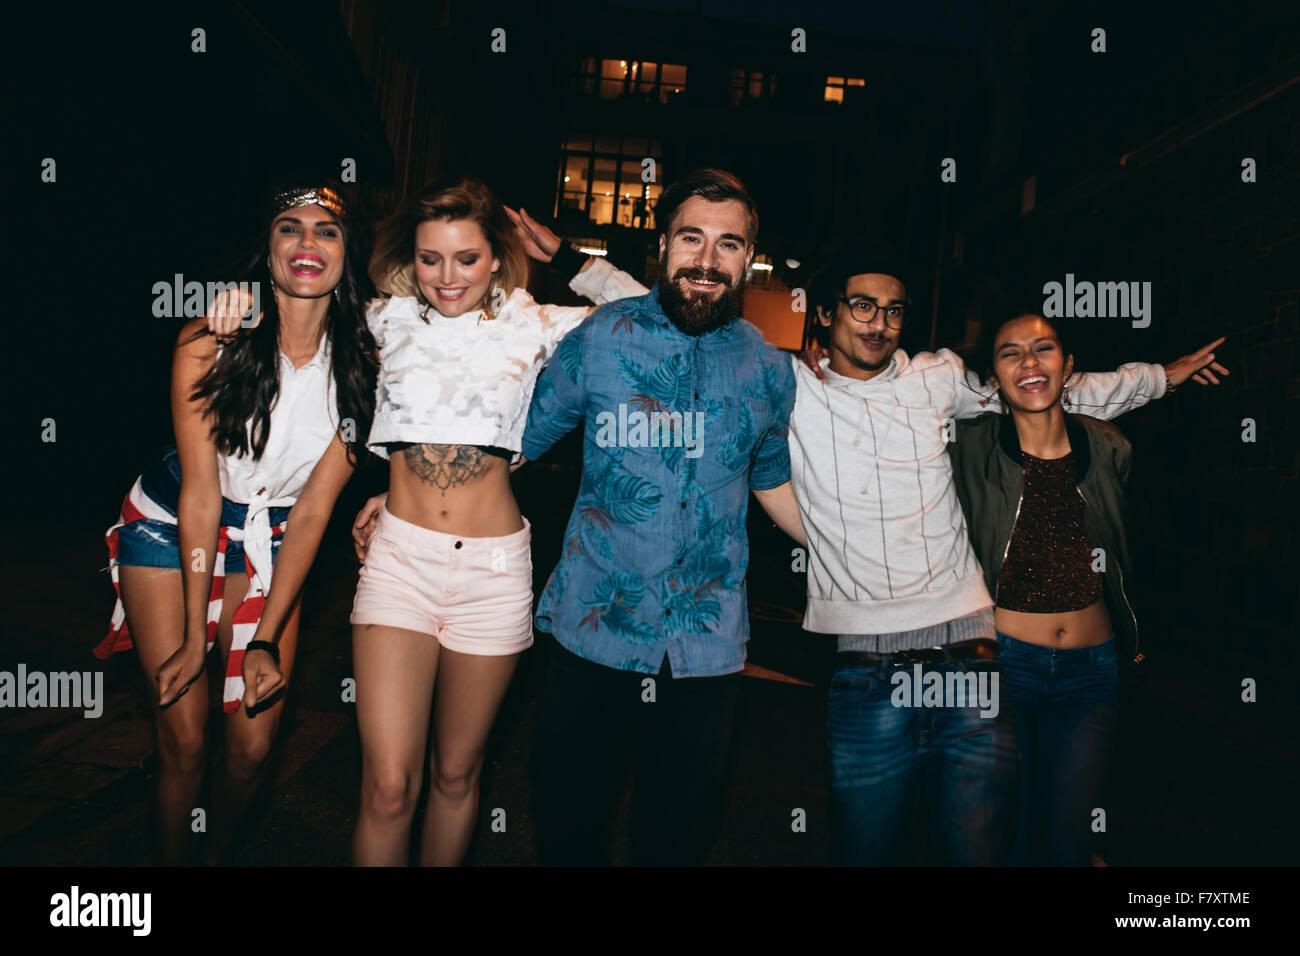 Ritratto di gruppo di amici di partito, insieme all'esterno. Multirazziale giovani appendere fuori la sera. Foto Stock